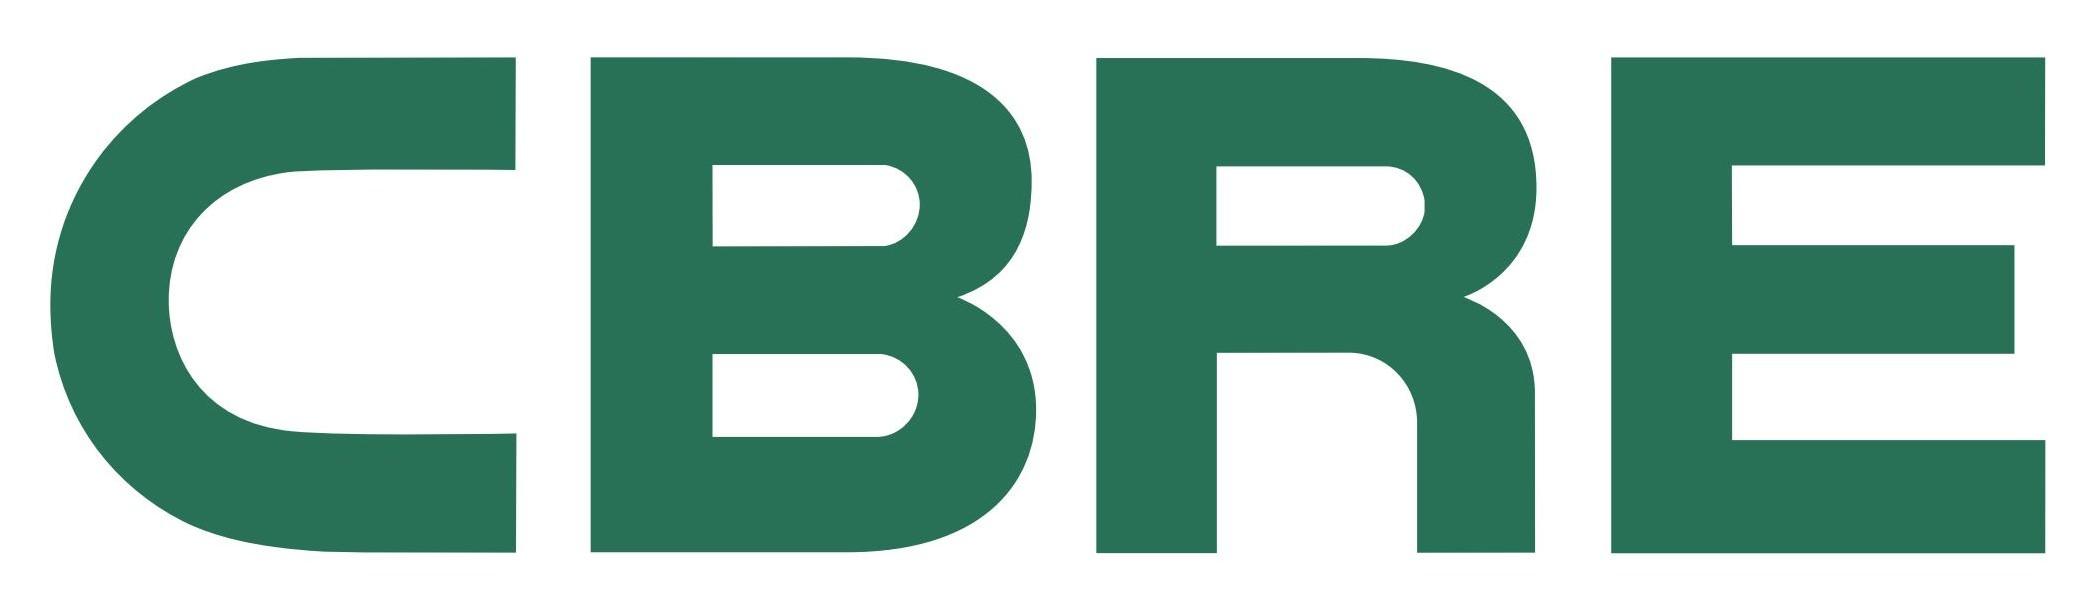 CBRE-Group-logo.jpg